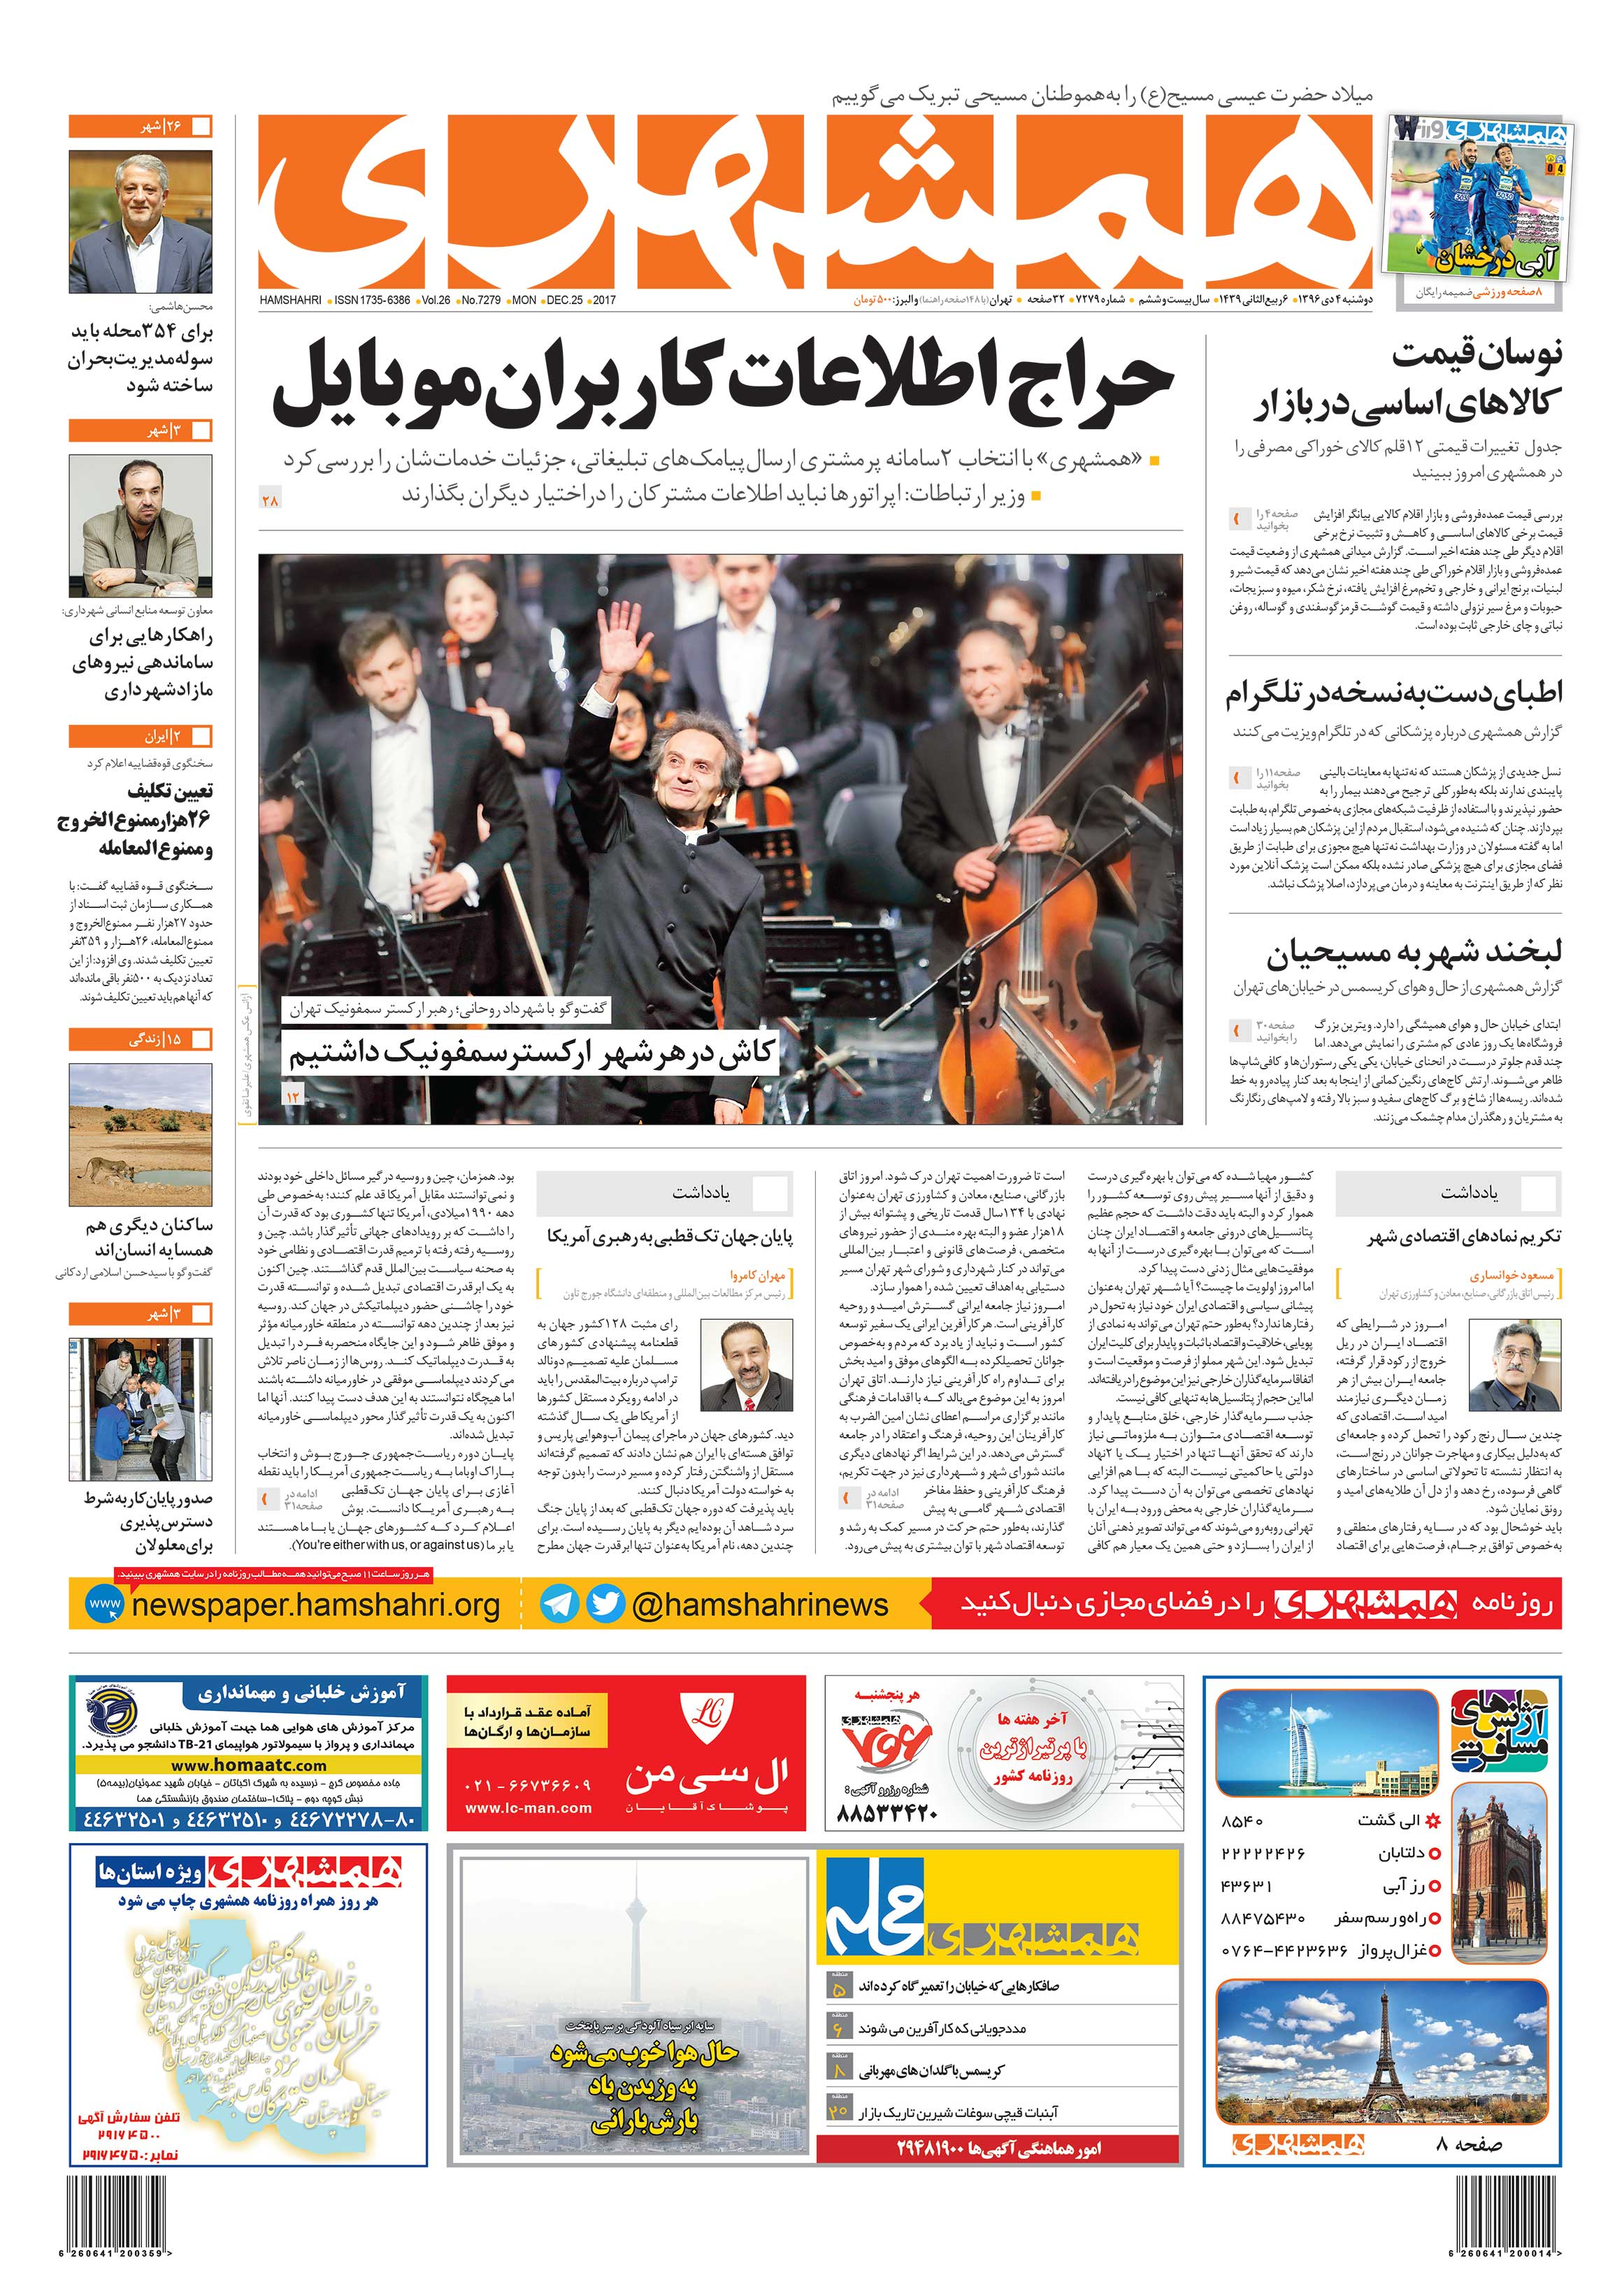 صفحه اول همشهری دوشنبه ۴ دی ۱۳۹۶